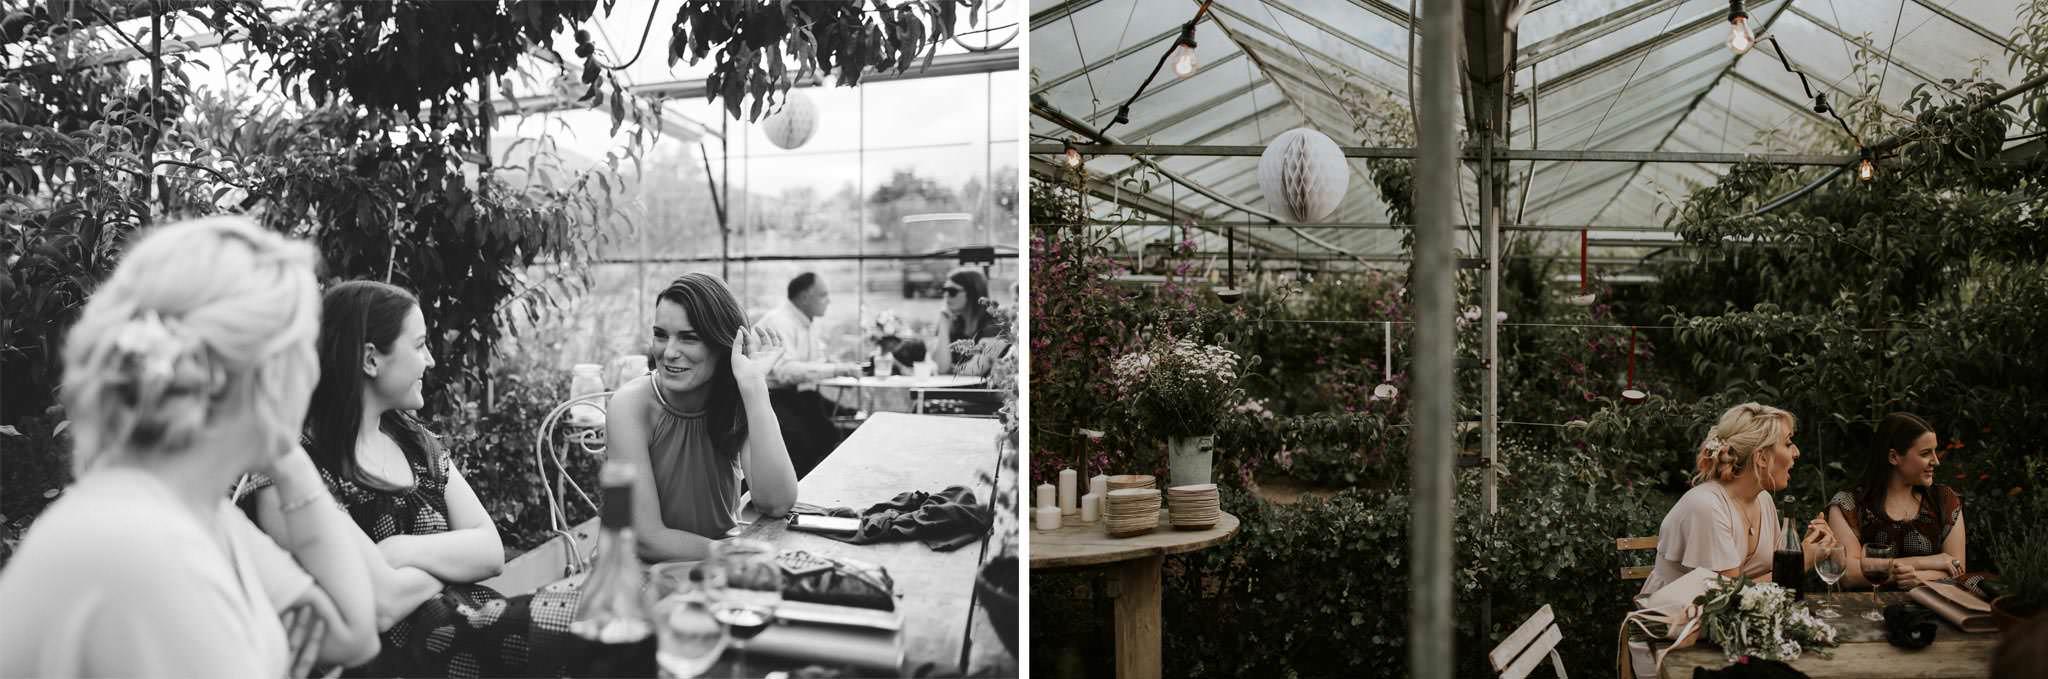 secret-herb-garden-edinburgh-vegan-wedding-095